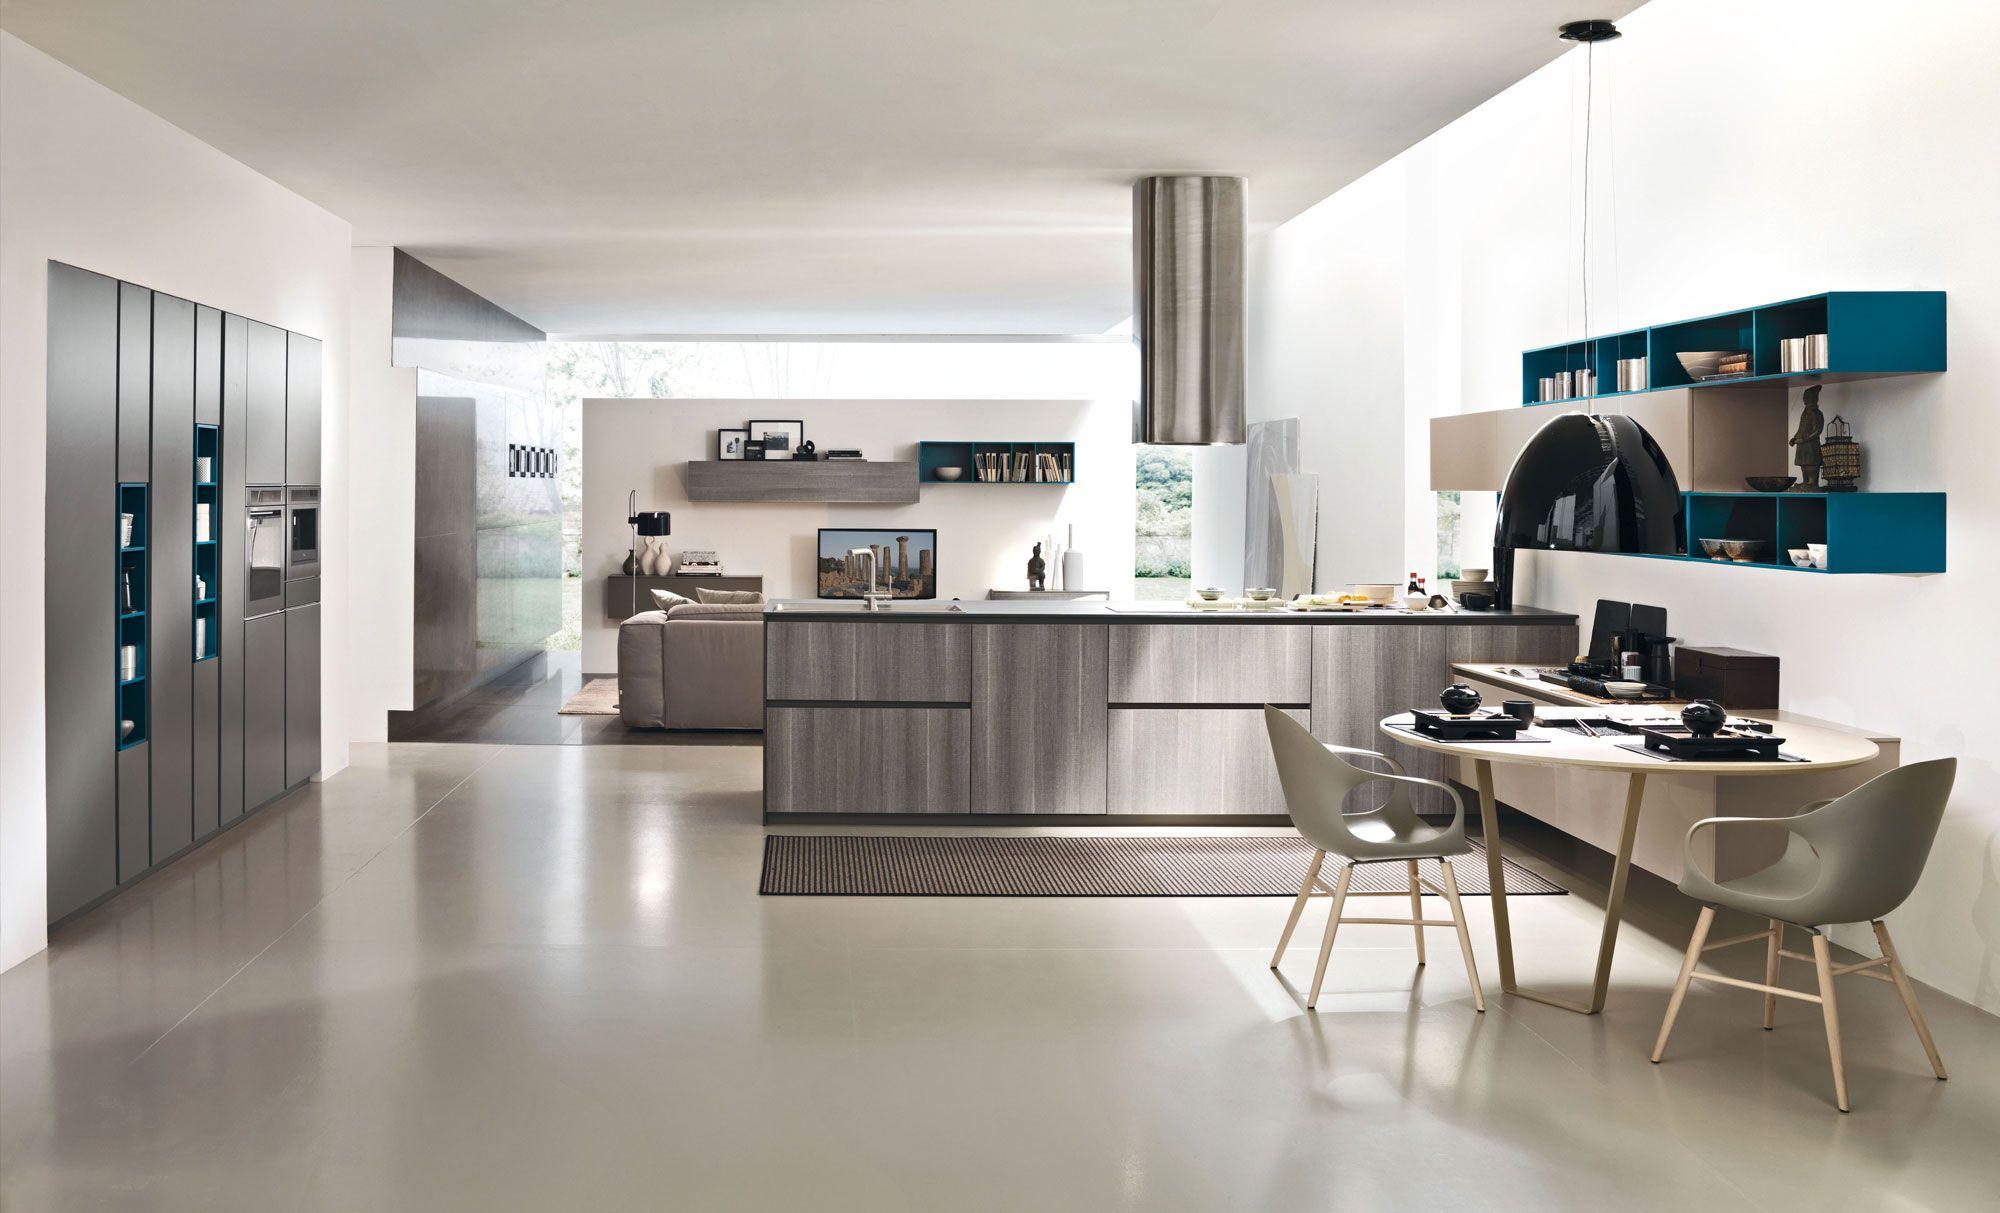 Scopri le cucine del programma One_K di @Siloma attraverso la cucina ONE_K_GOLA_4 http://www.siloma.it/portfolio/one_k_gola_4/ #Siloma #One_K #One_K_Gola